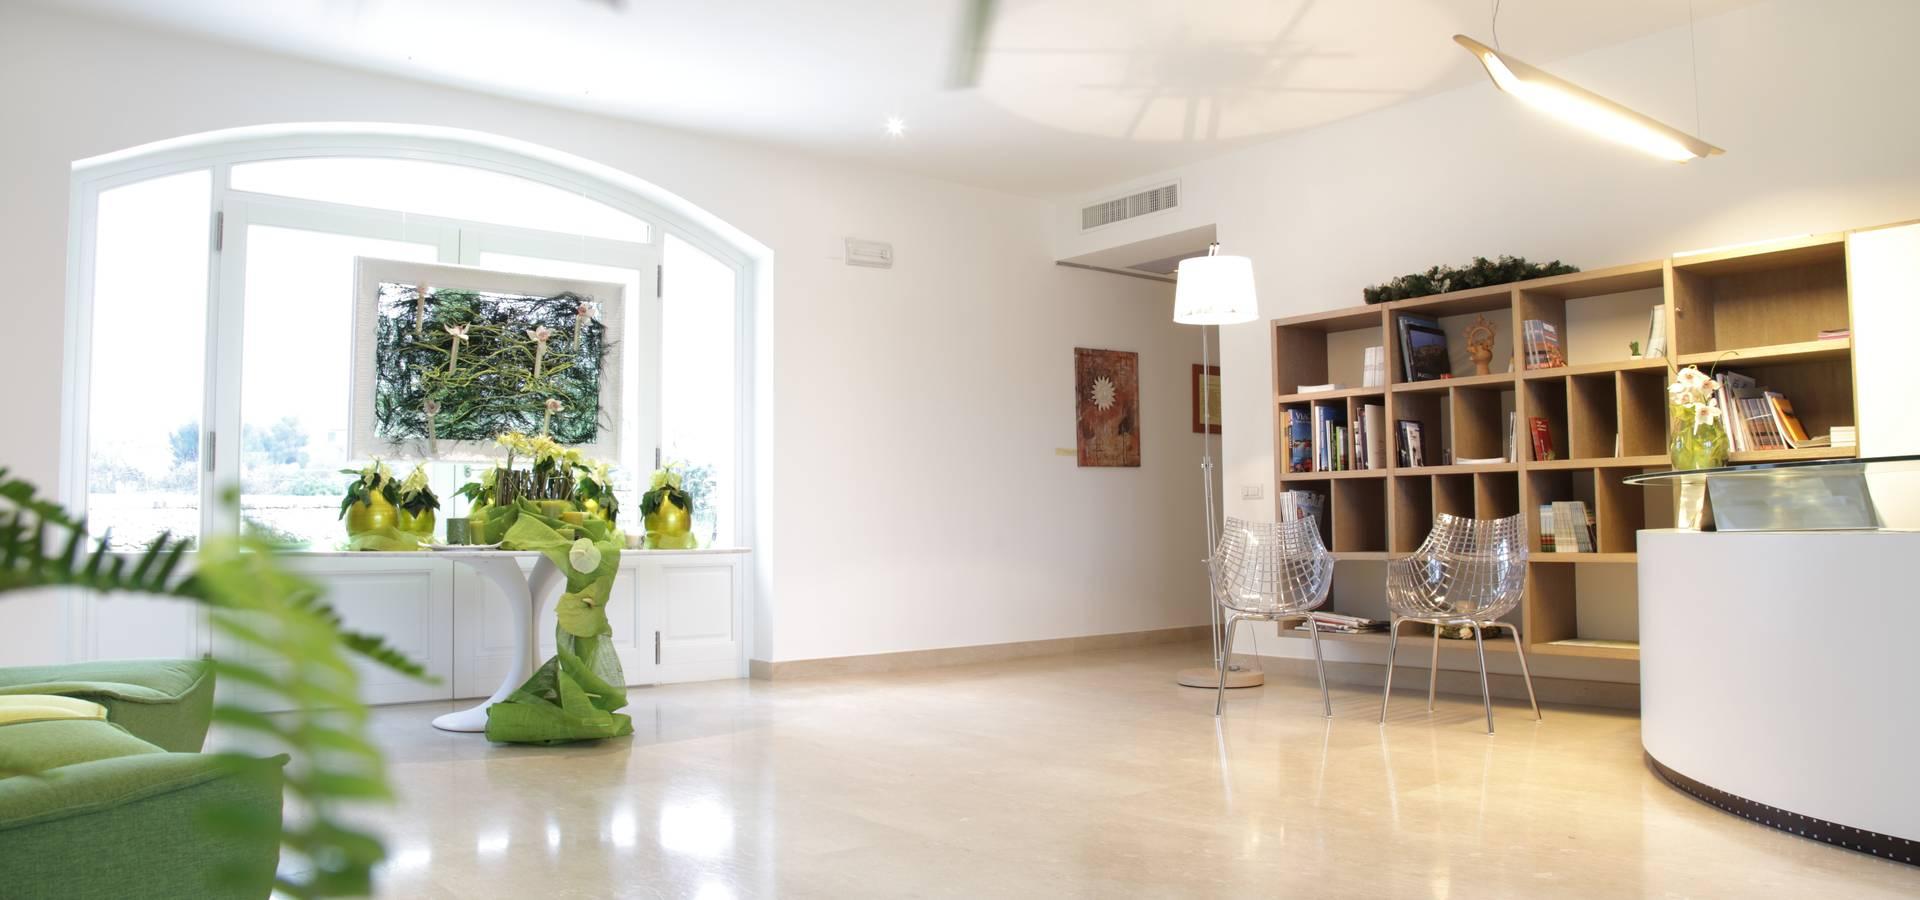 S&M interiors